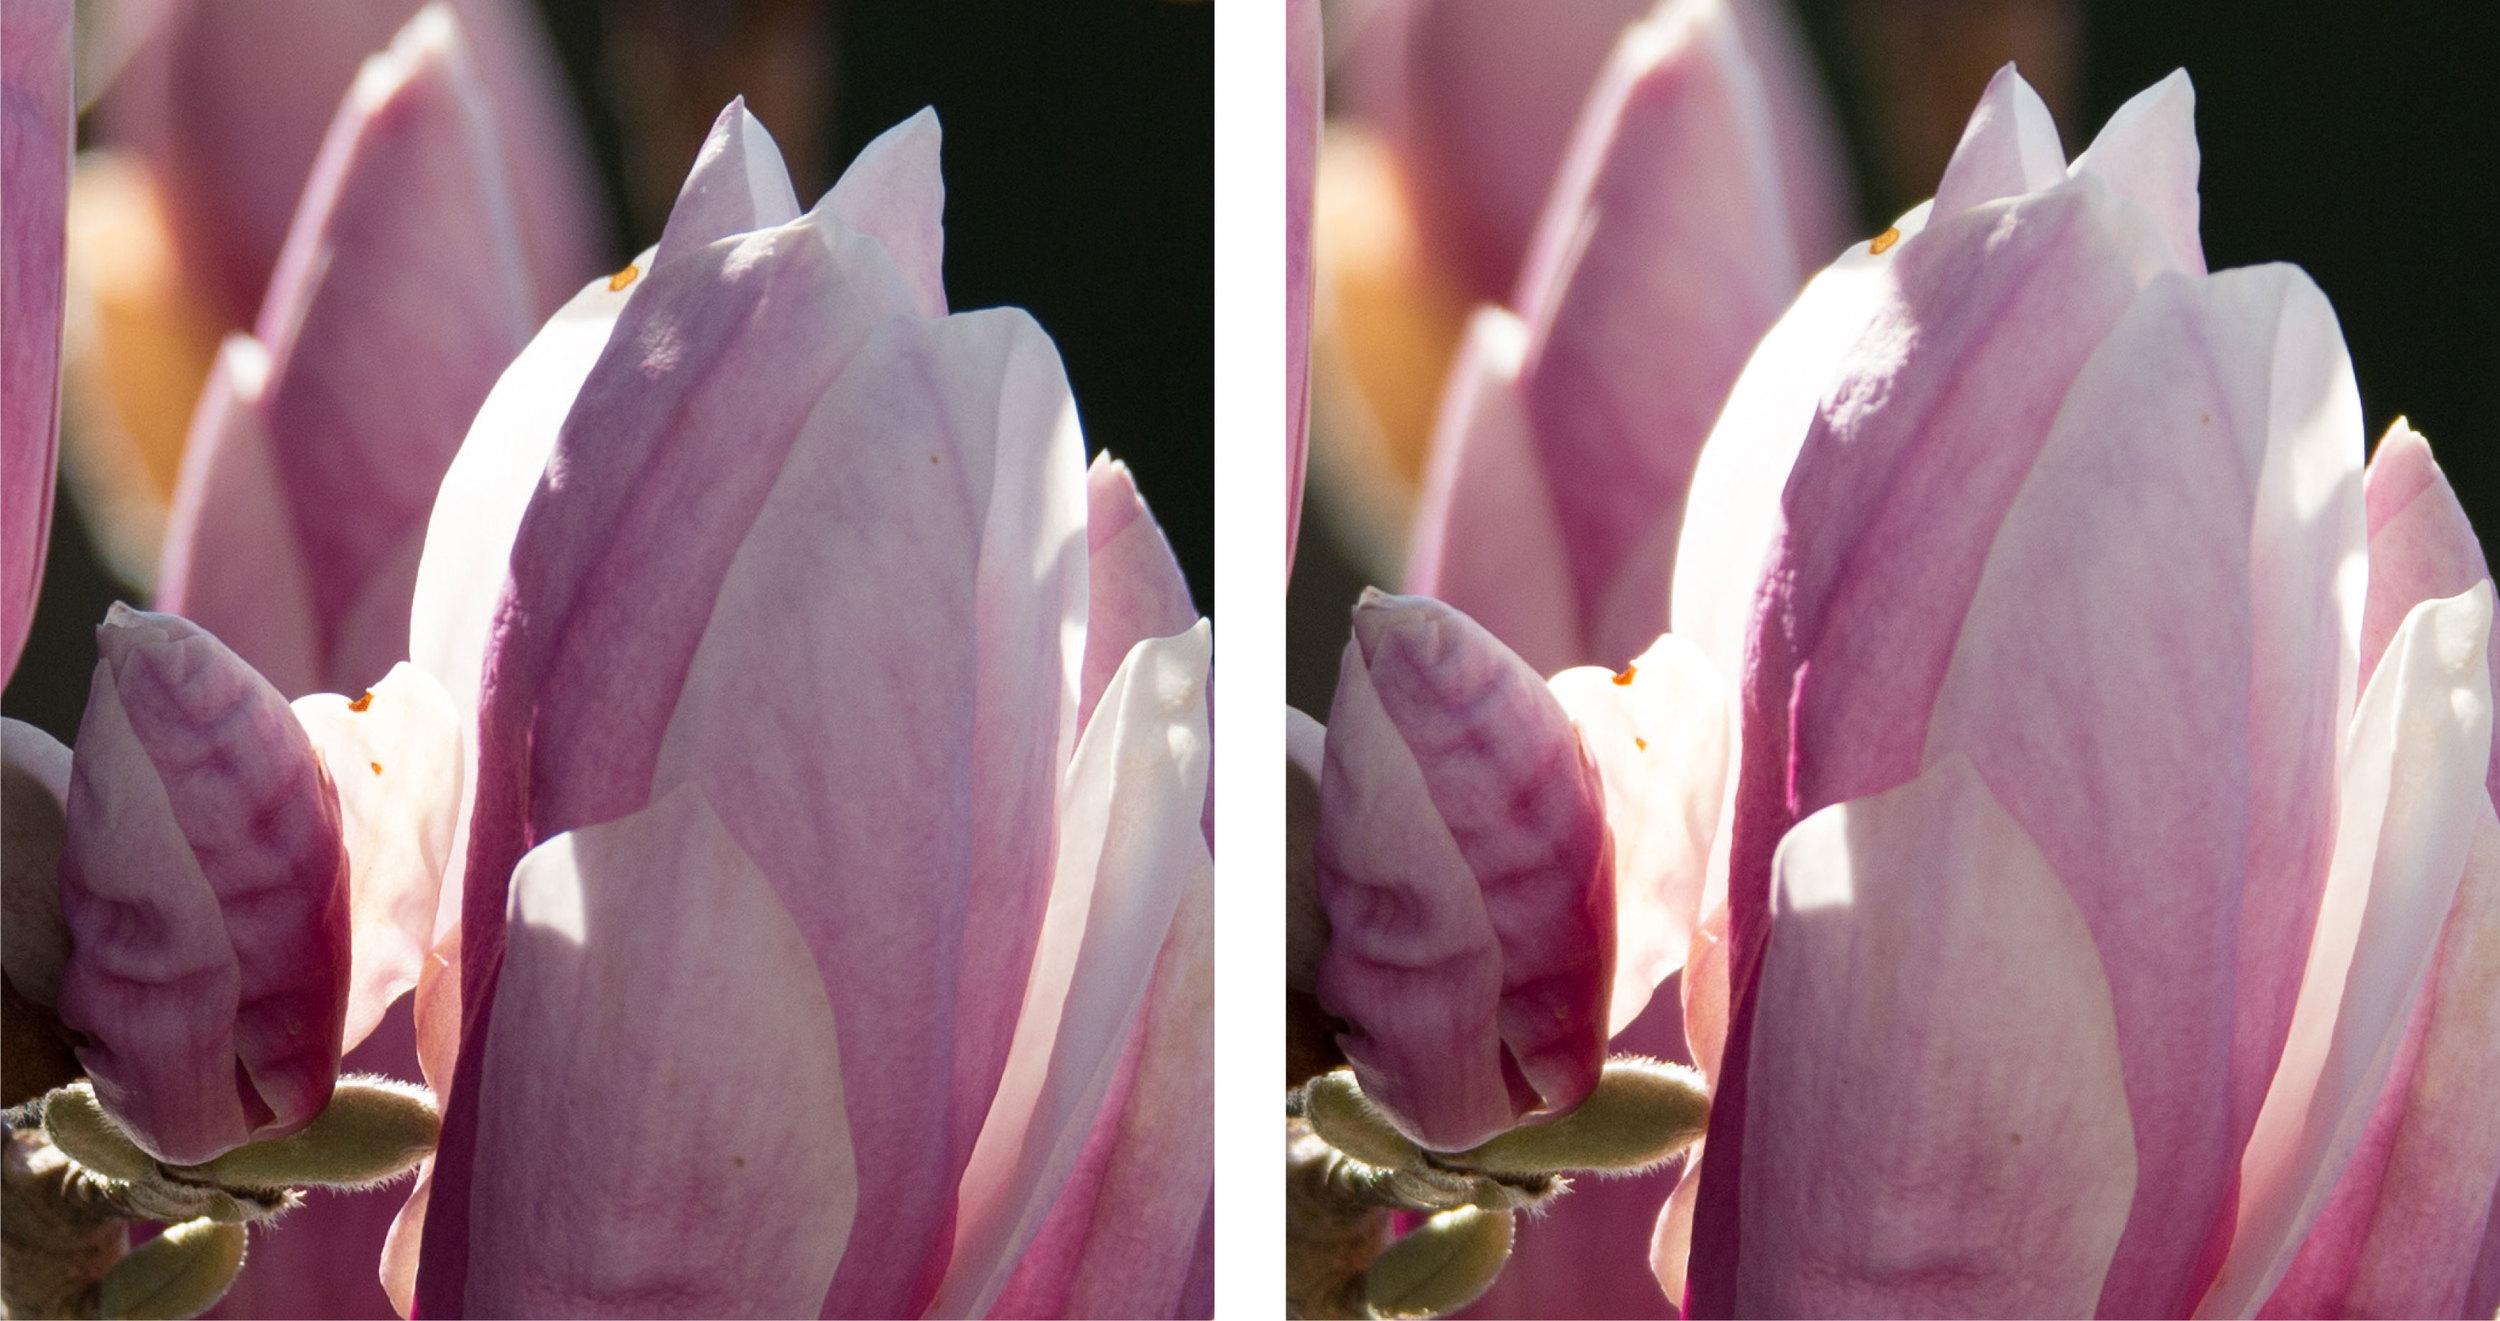 1:1 Ausschnitte bei 350 mm und voll offener Blende (was beim Sigma links 6.3 und beim Tamron rechts 5.6 ist) links Sigma Sports 150–600mm f5–6,3 DG OS HSM, rechts Tamron SP 150–600mm f5–6.3 VC USD (für vergrösserte Ansicht auf die Bilder klicken)